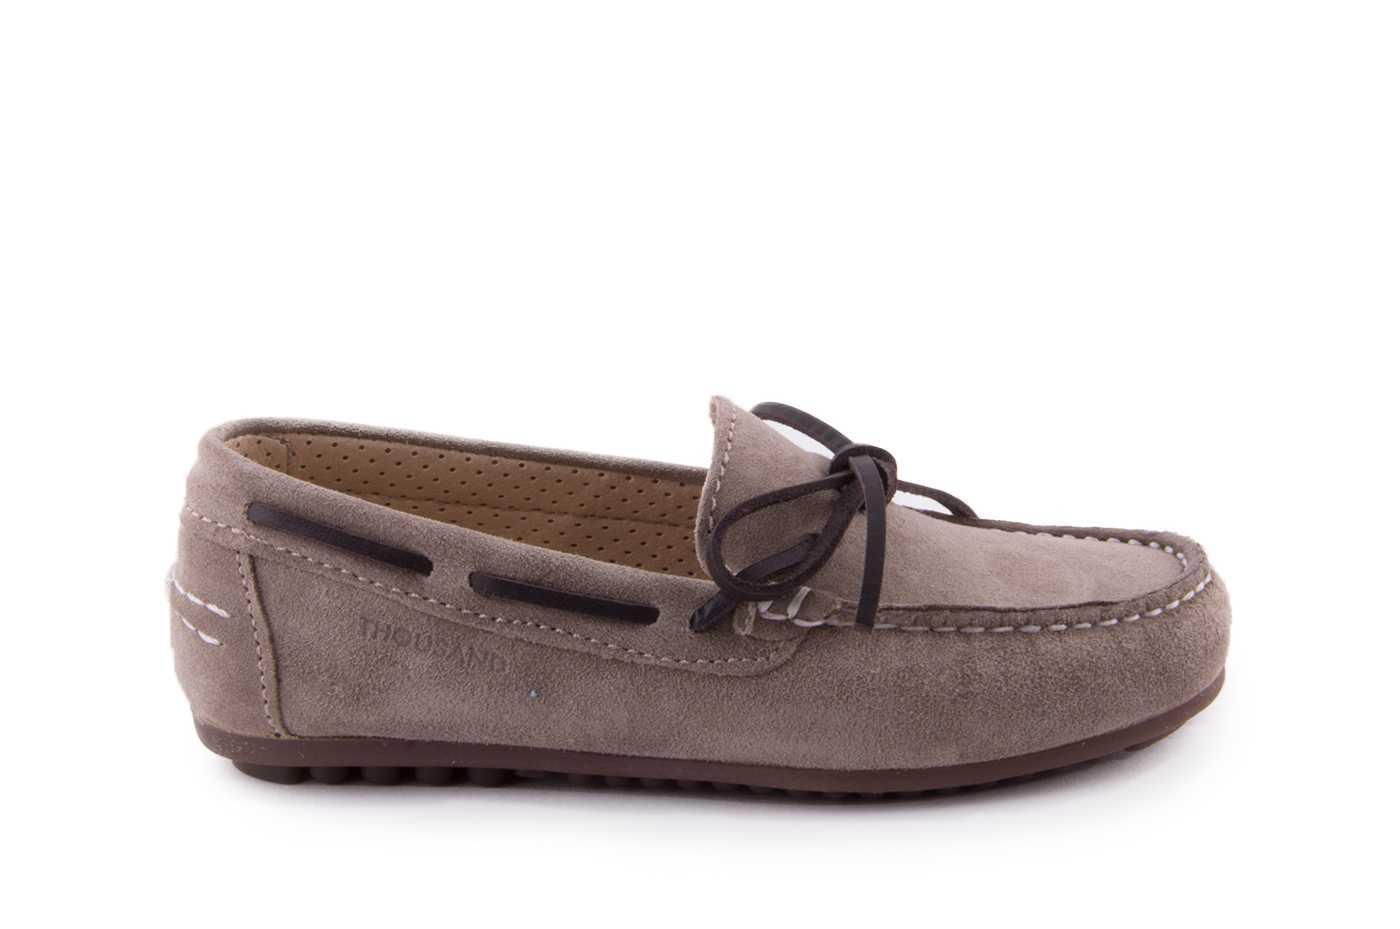 7589a2c7 Comprar zapato tipo JOVEN NIÑO estilo MOCASIN COLOR CAMEL ANTE ...